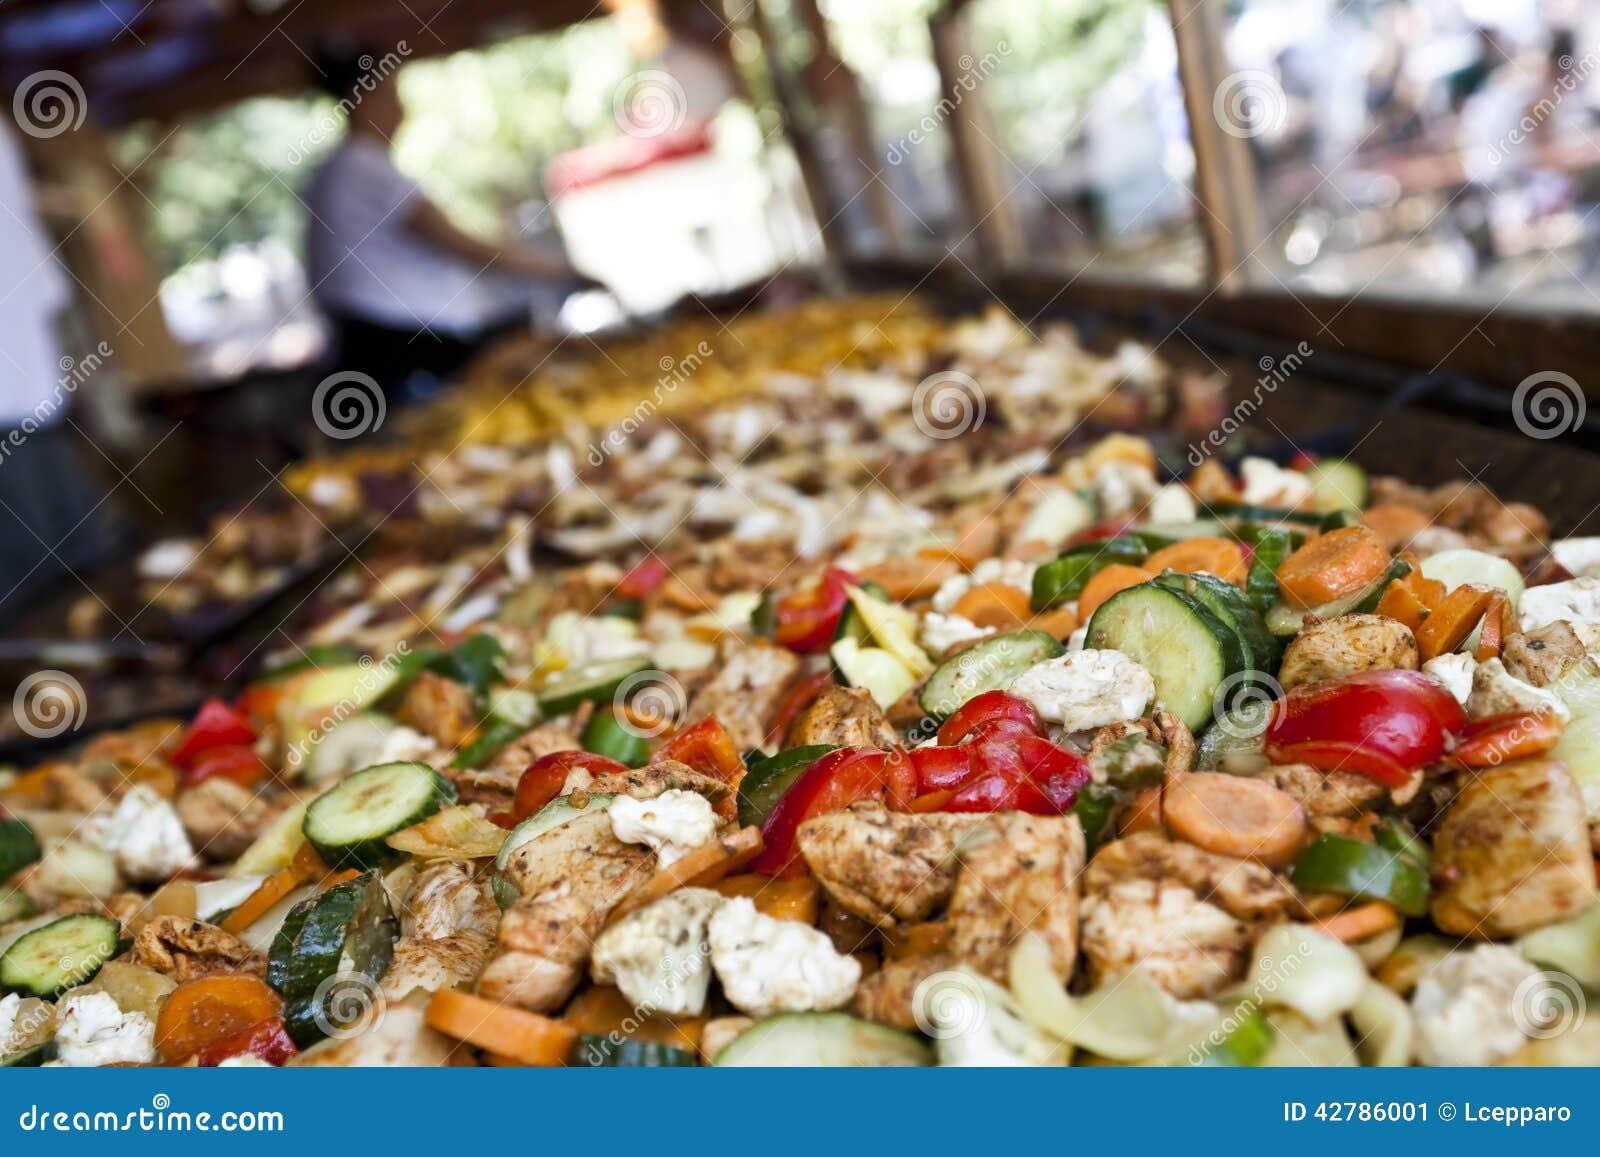 Huddersfield Food Festival